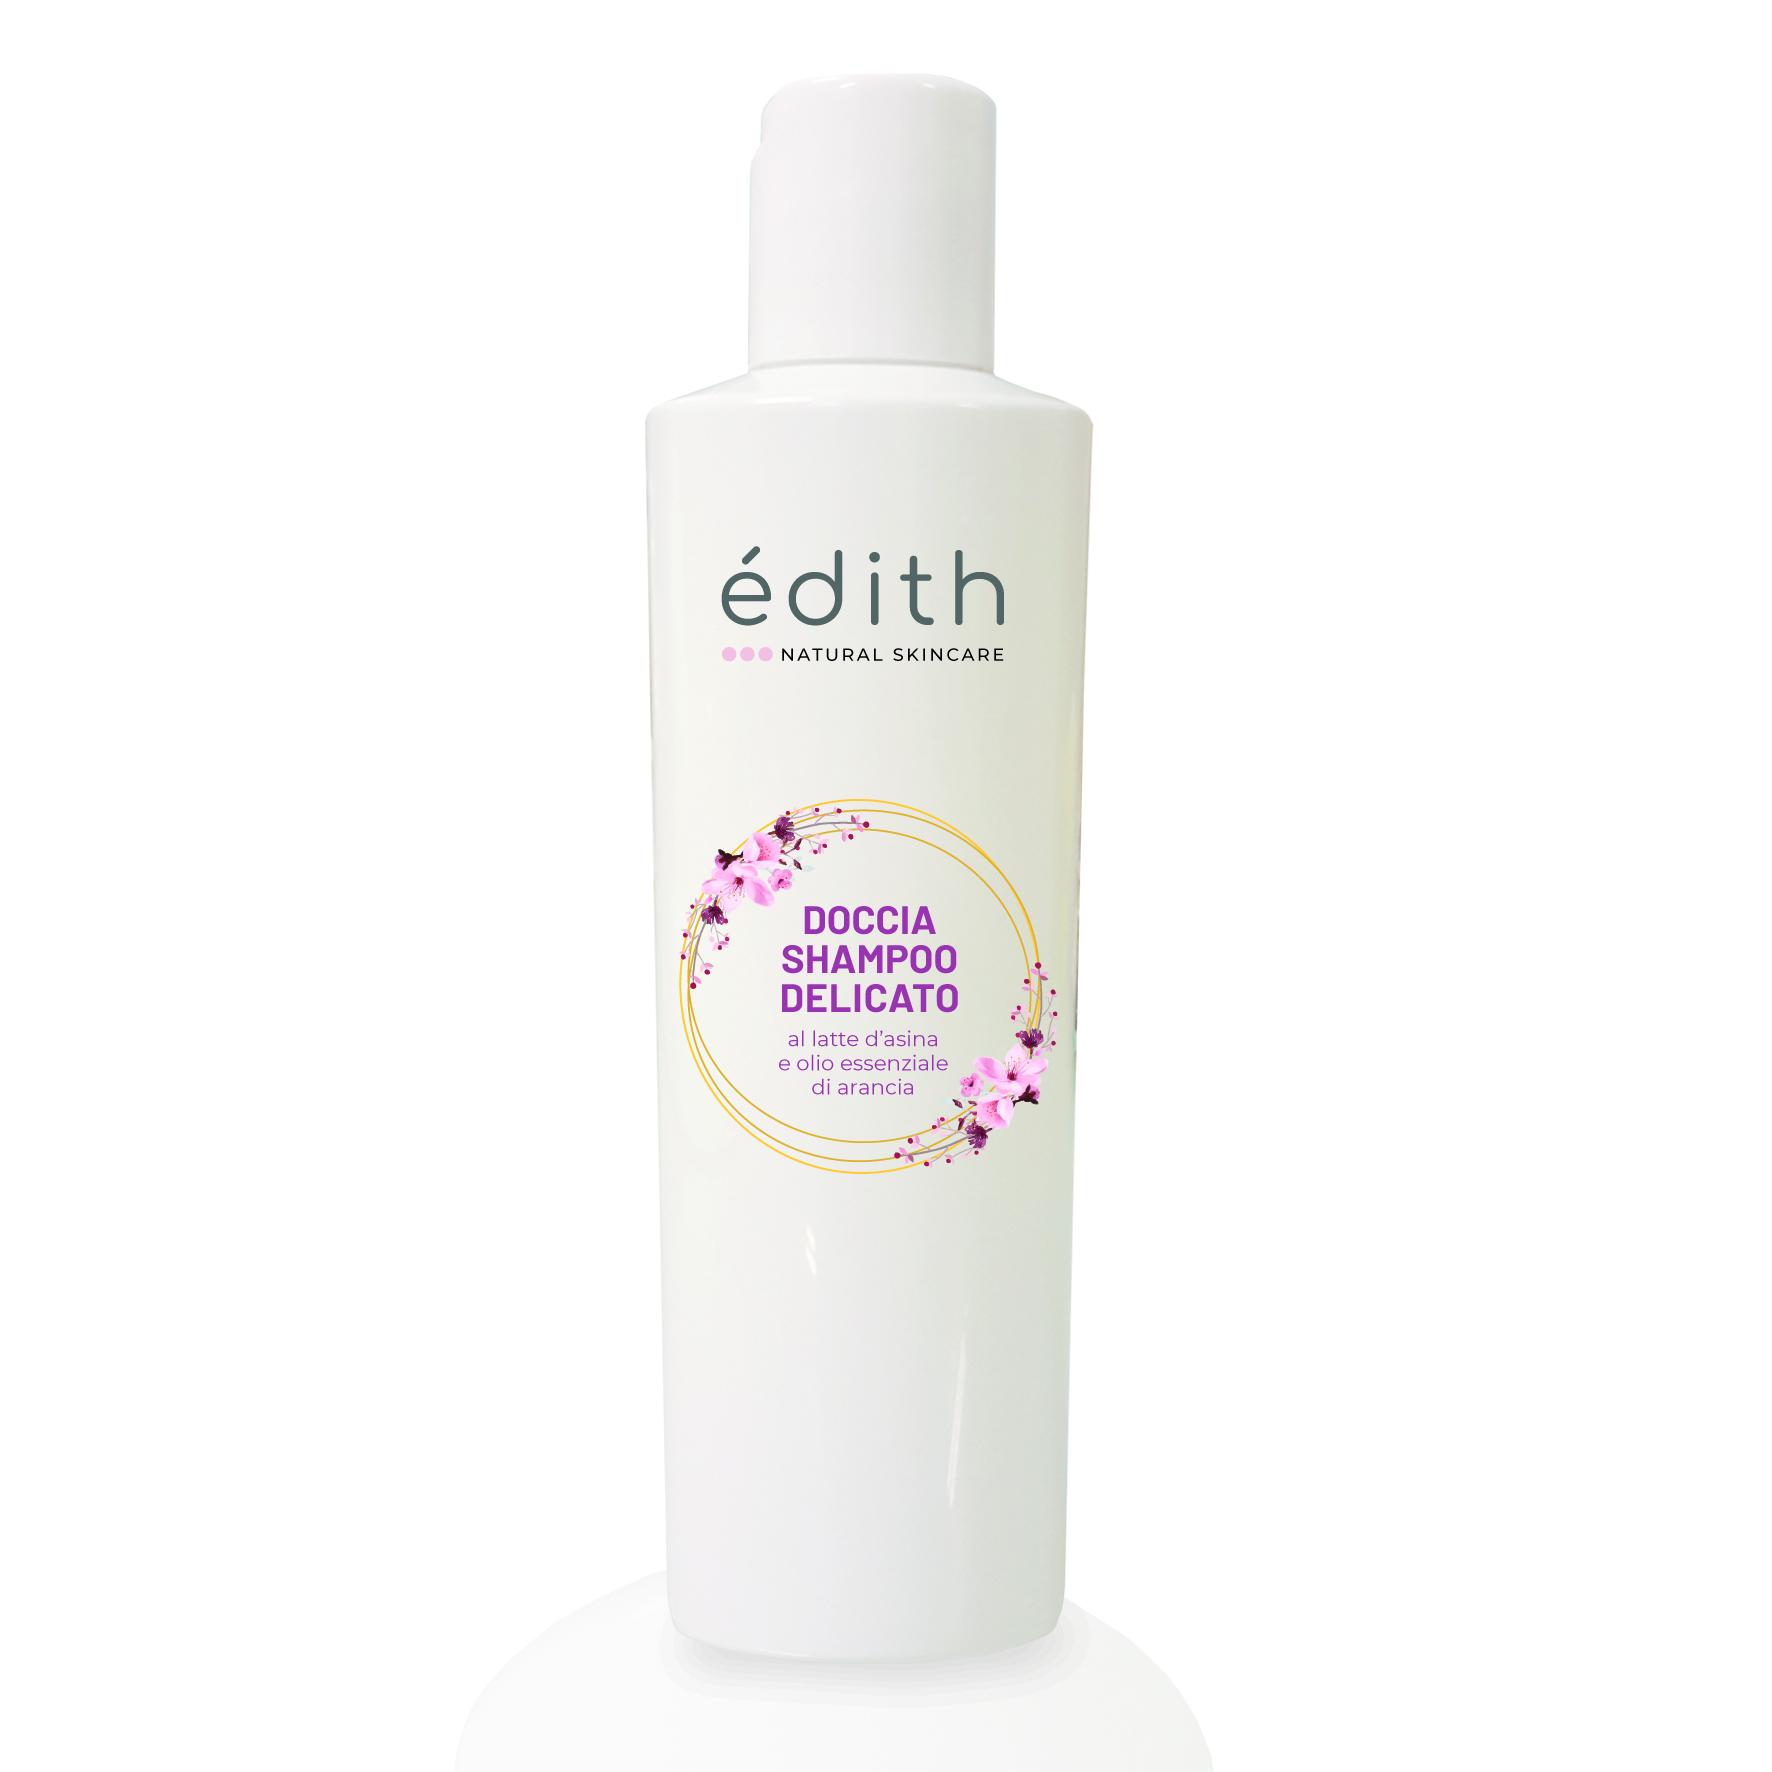 Doccia shampoo delicato al latte d'asina